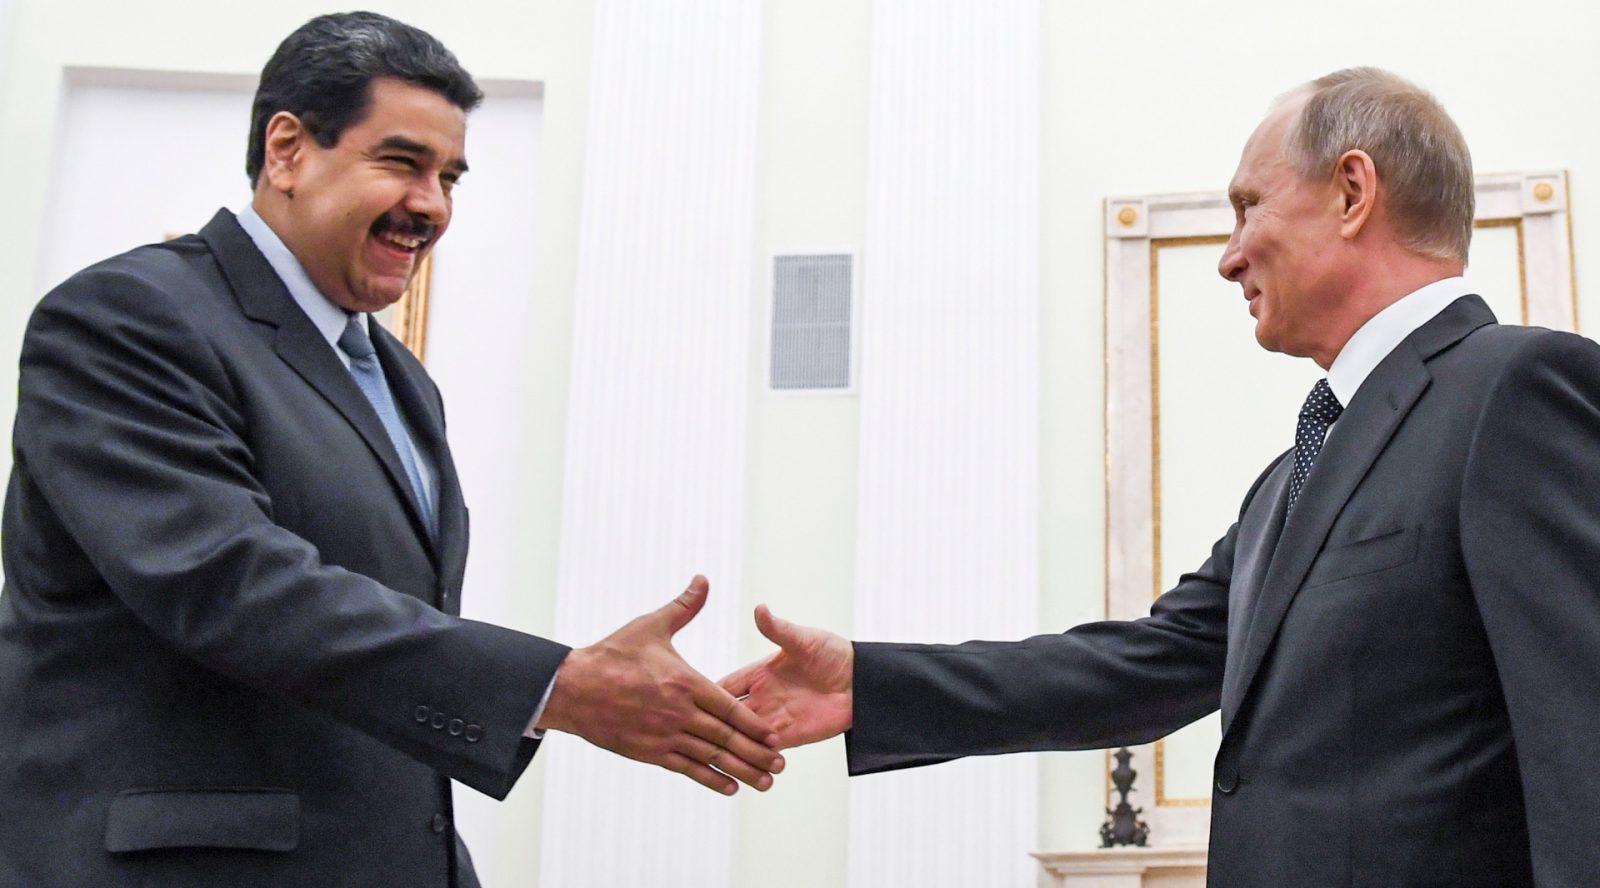 Cryptovaluta di Stato la Russia ha segretamente aiutato il Venezuela a lanciare il Petro - Cryptovaluta di Stato: la Russia ha segretamente aiutato il Venezuela a lanciare il Petro?